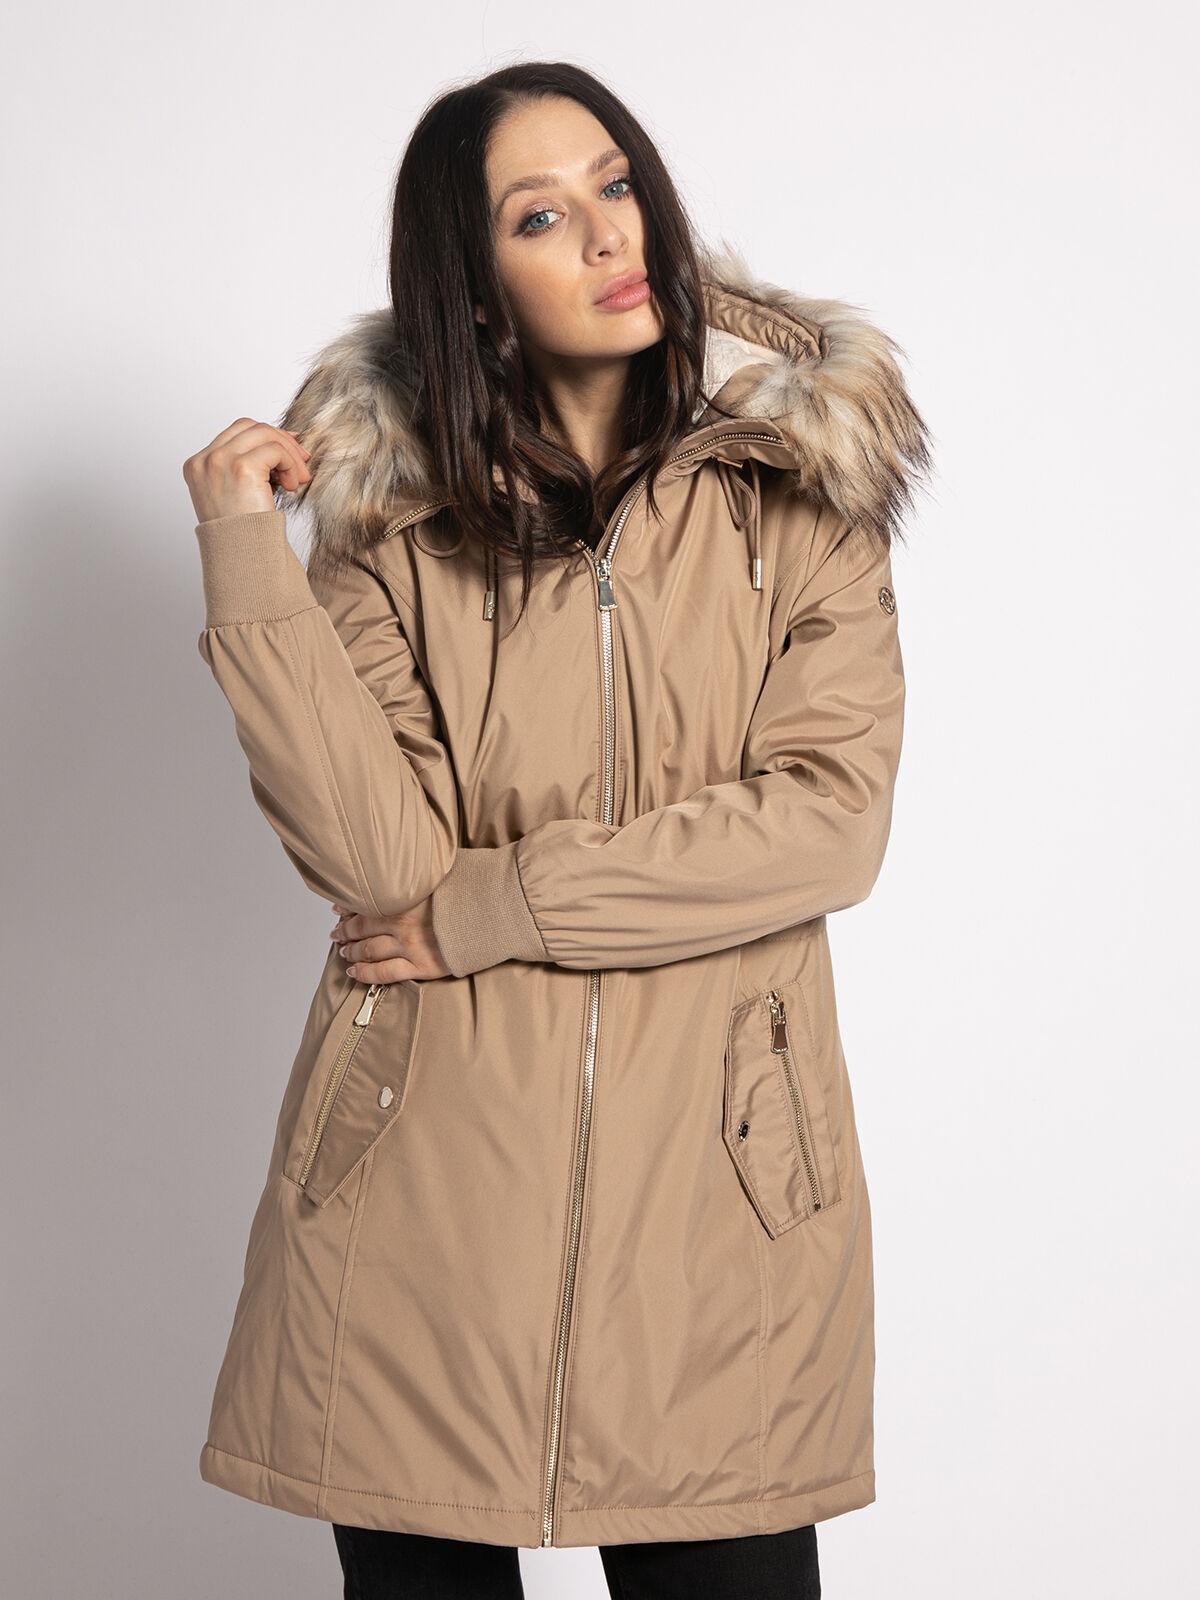 Damen Bekleidung von Top Marken im dress for less Designer